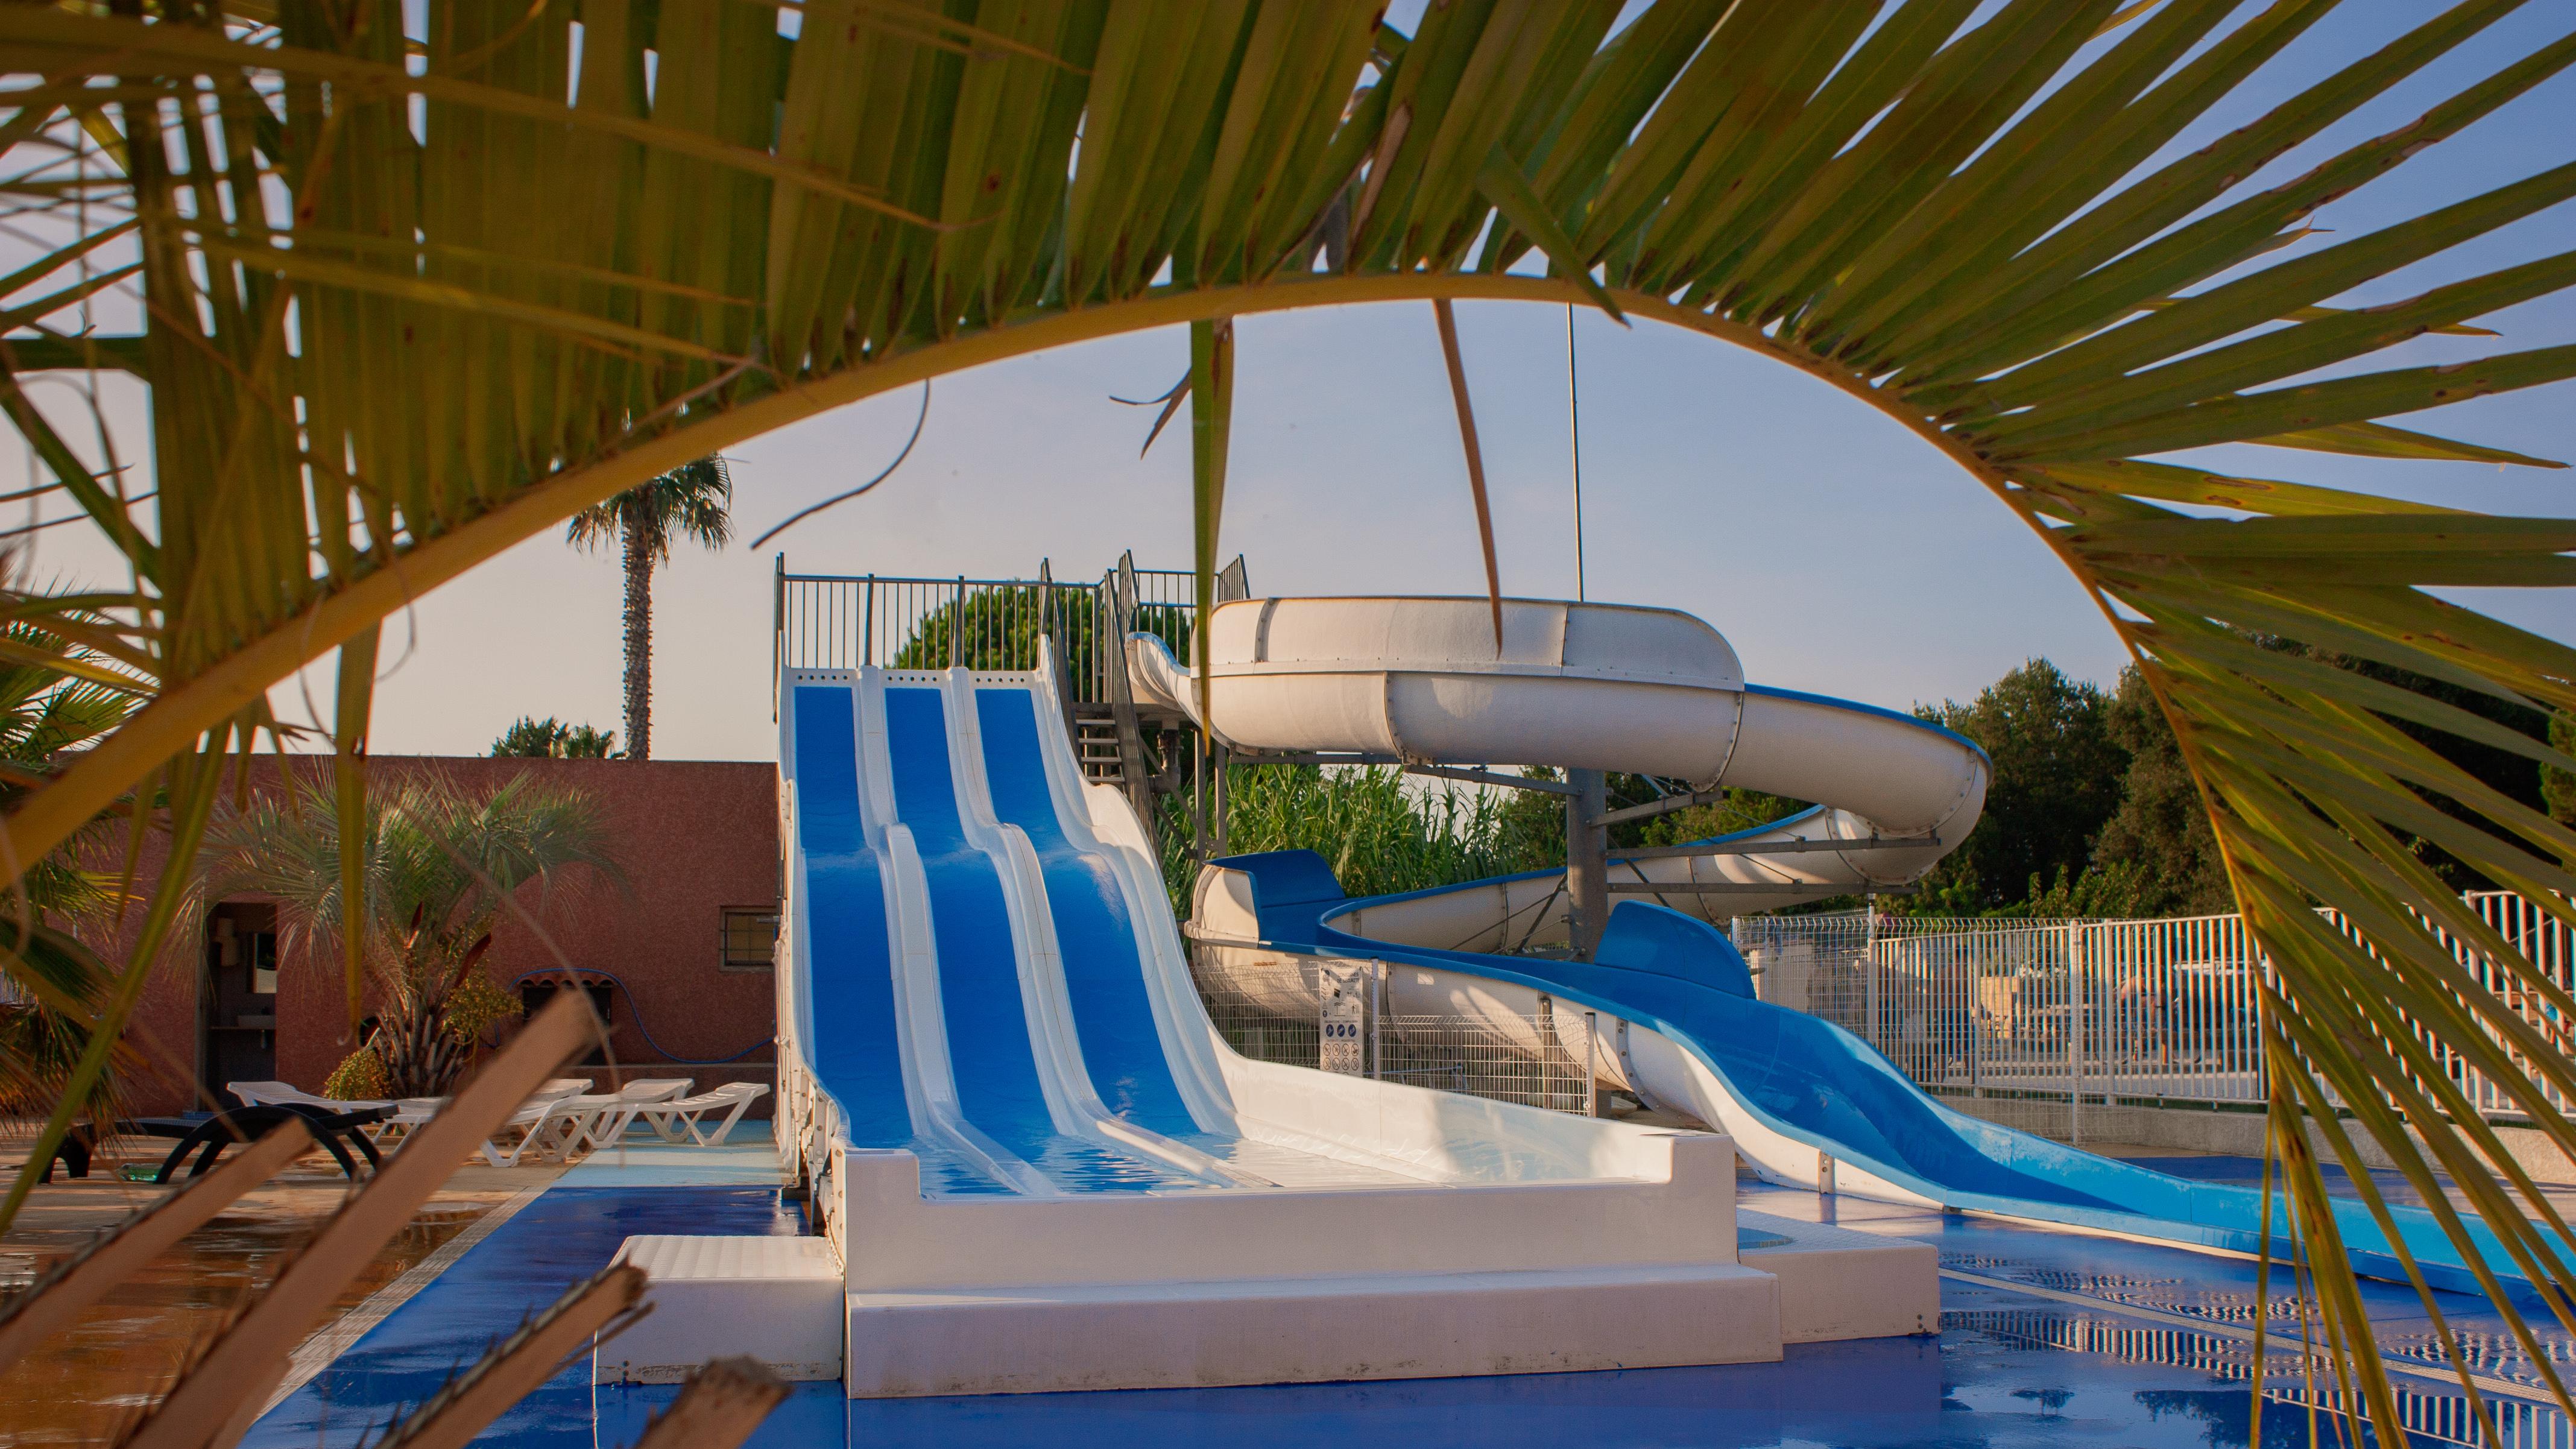 Camping avec parc aquatique argel s sur mer - Camping argeles sur mer avec piscine ...